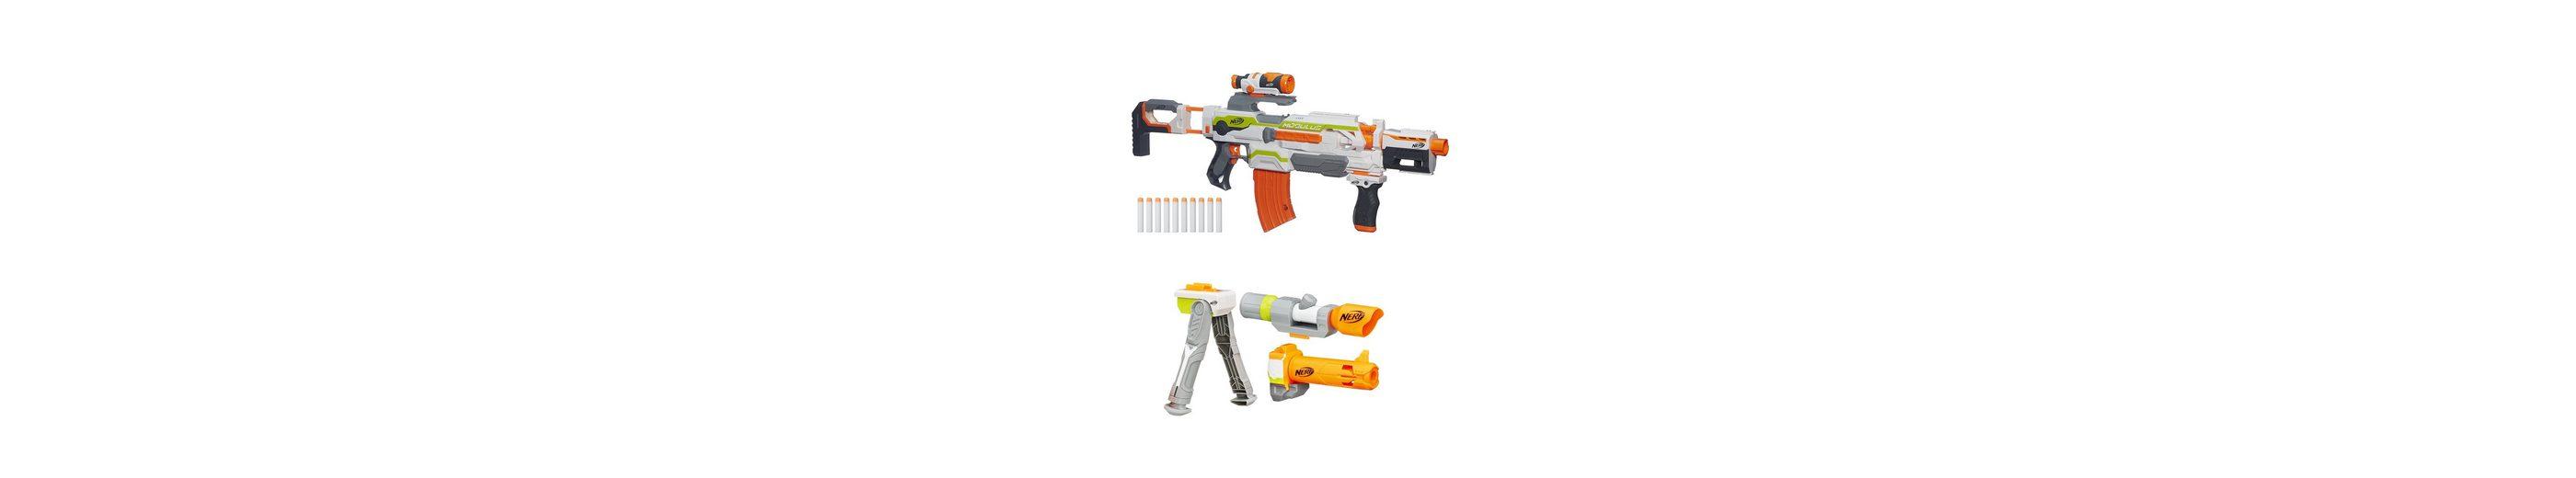 Hasbro Set: Shooter + Zubehör, »Nerf N-Strike Elite XD Modulus Blaster und Zubehörset Weitschuss«